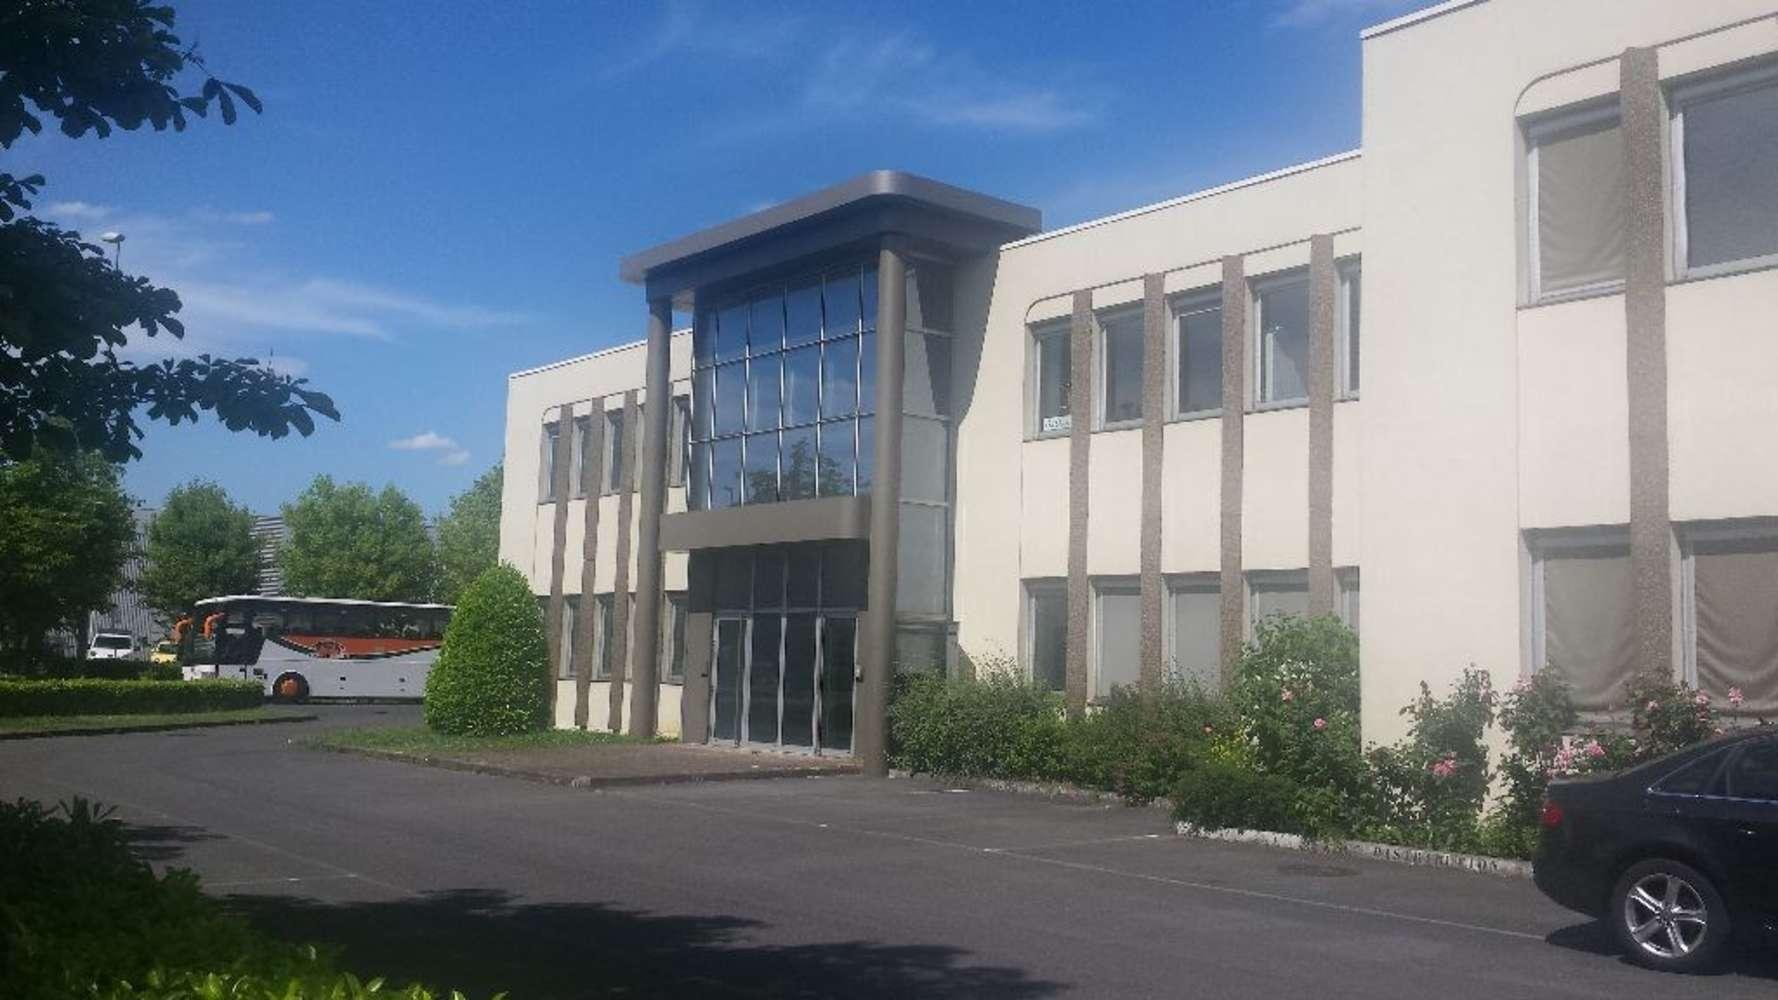 Activités/entrepôt Bonneuil sur marne, 94380 - ZAC DES PETITS CARREAUX - 9456096